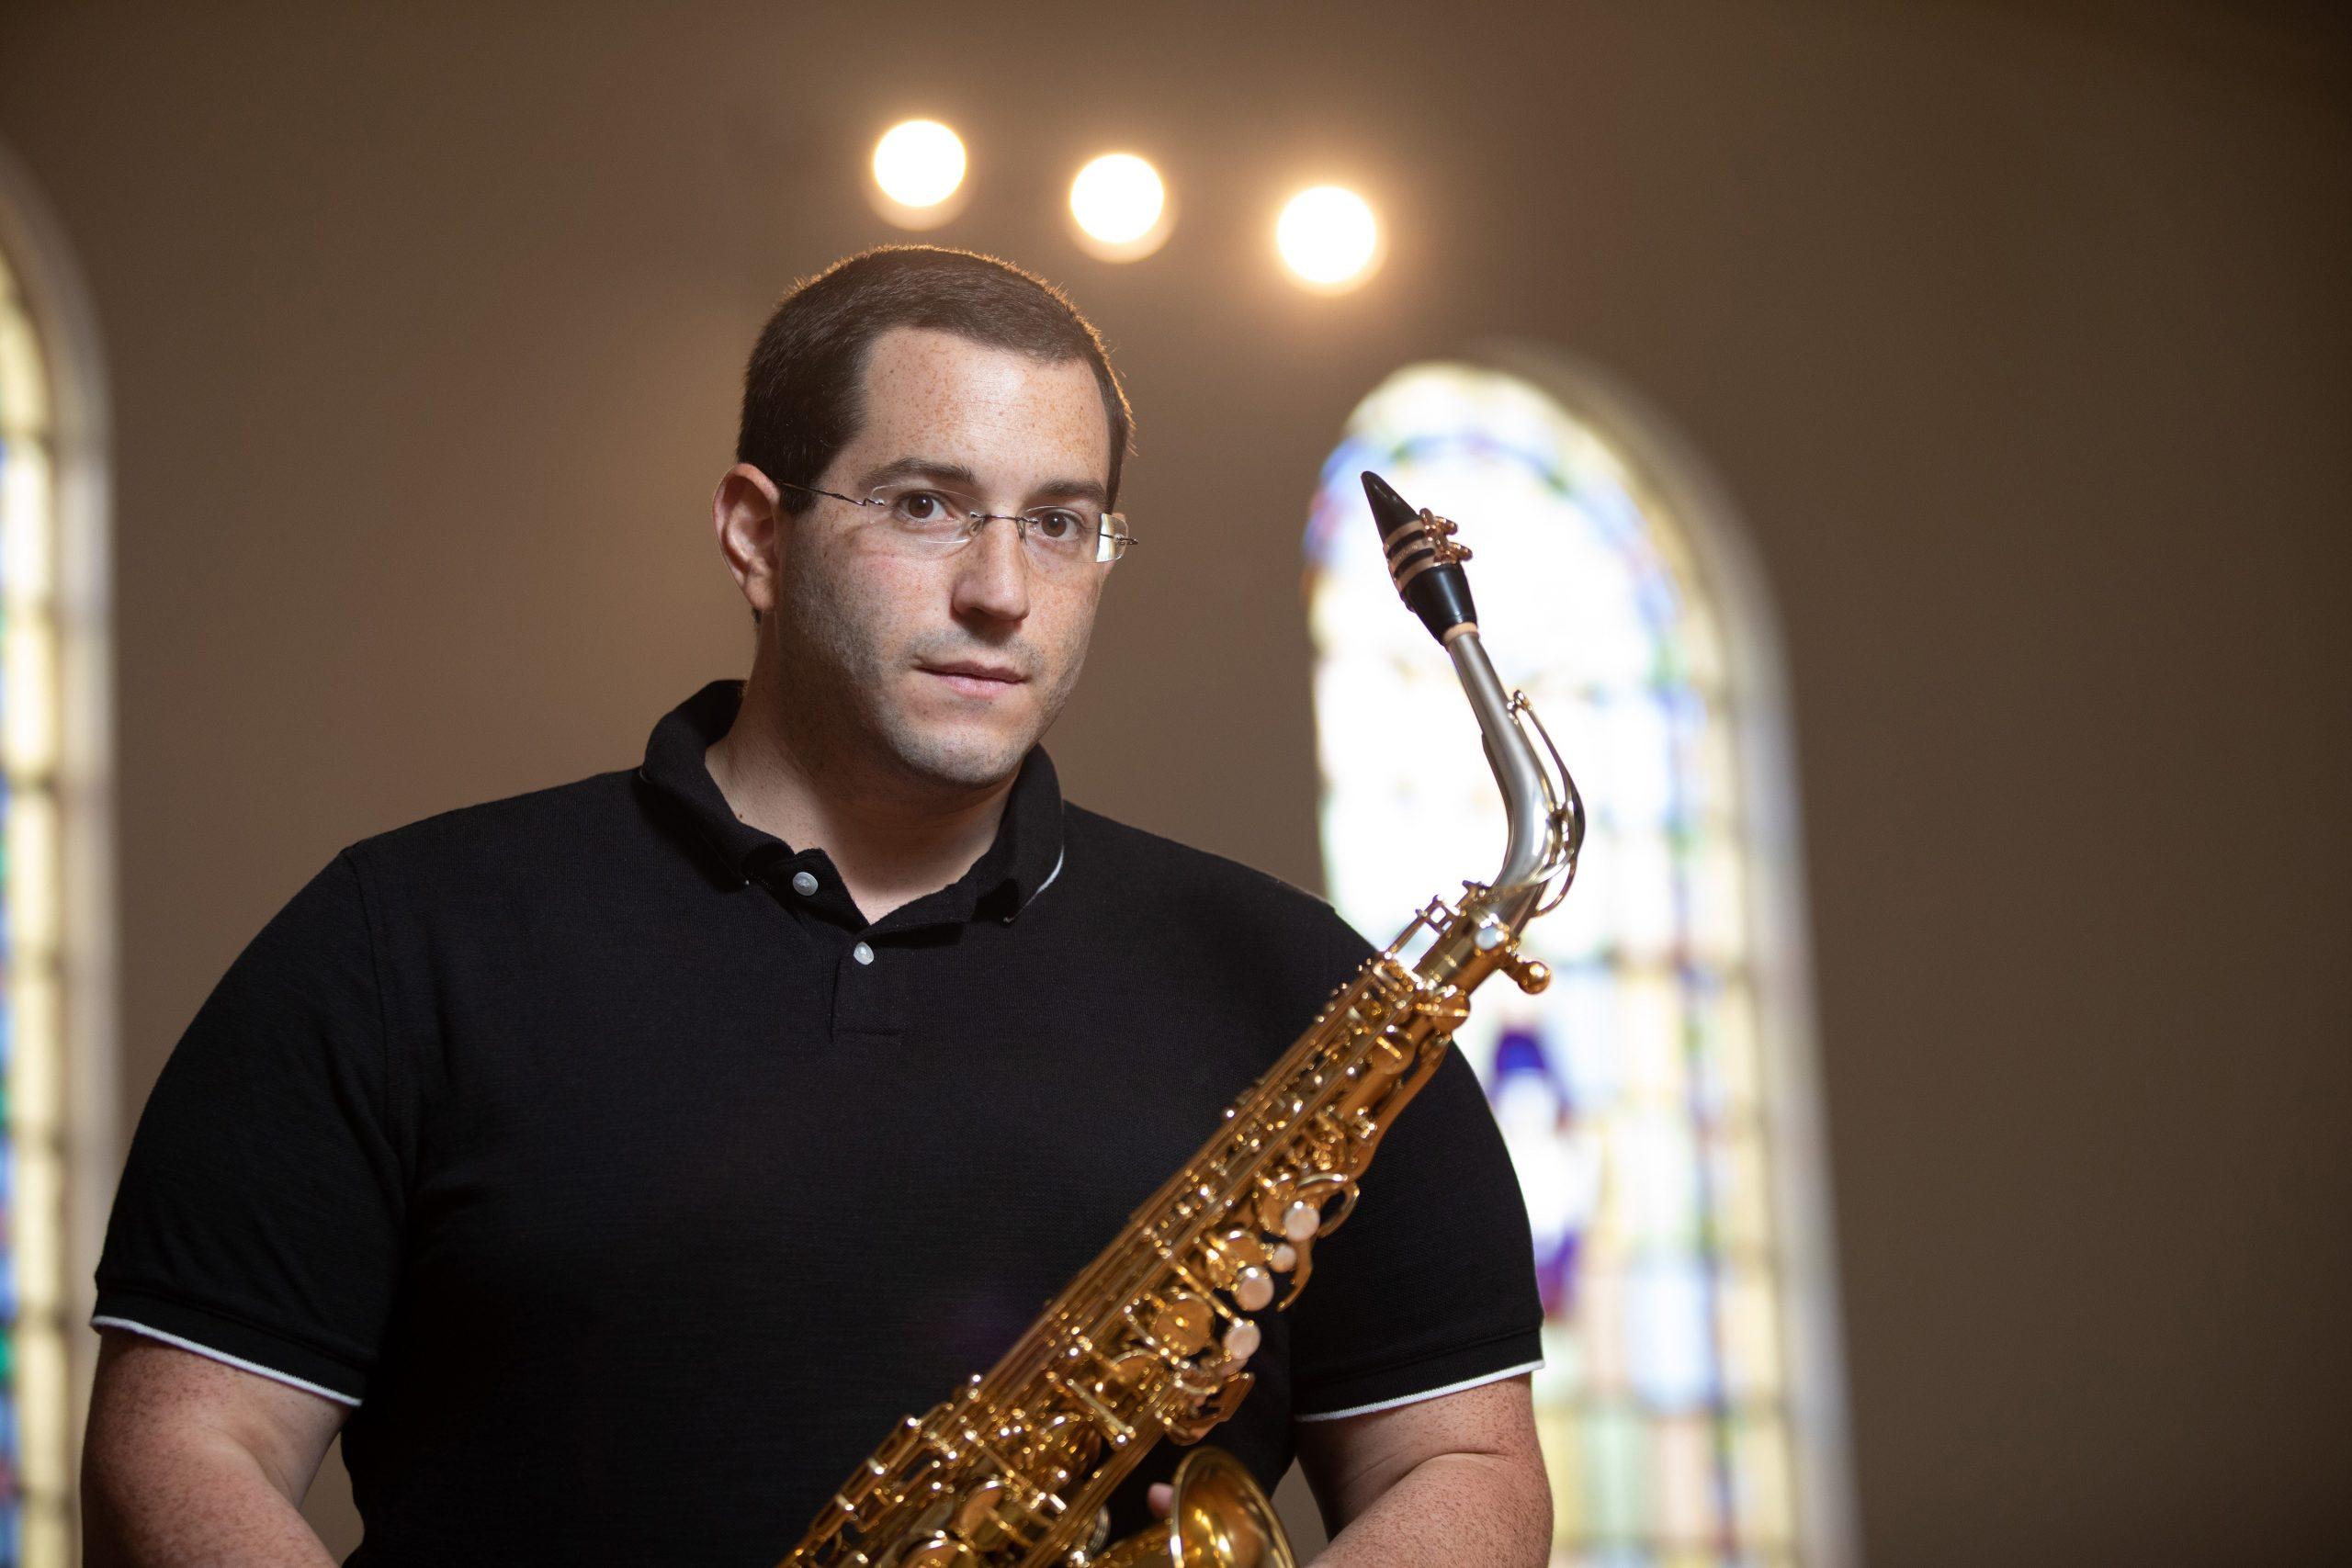 Photo of Anthony Cincotta holding saxophone